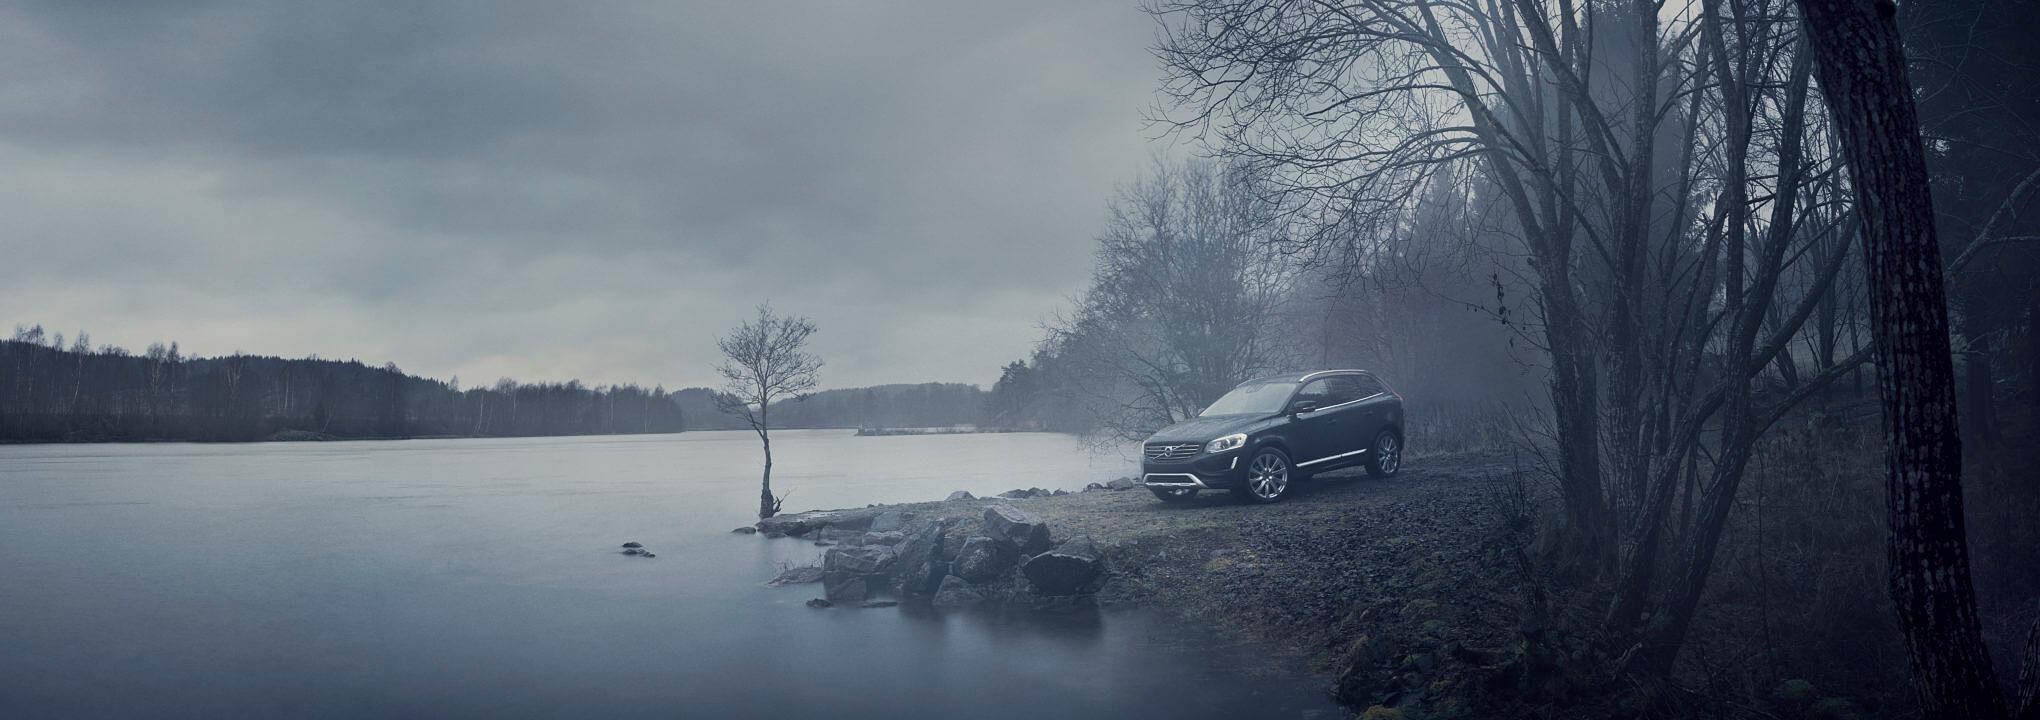 Volvo Made By Sweden Västergötland